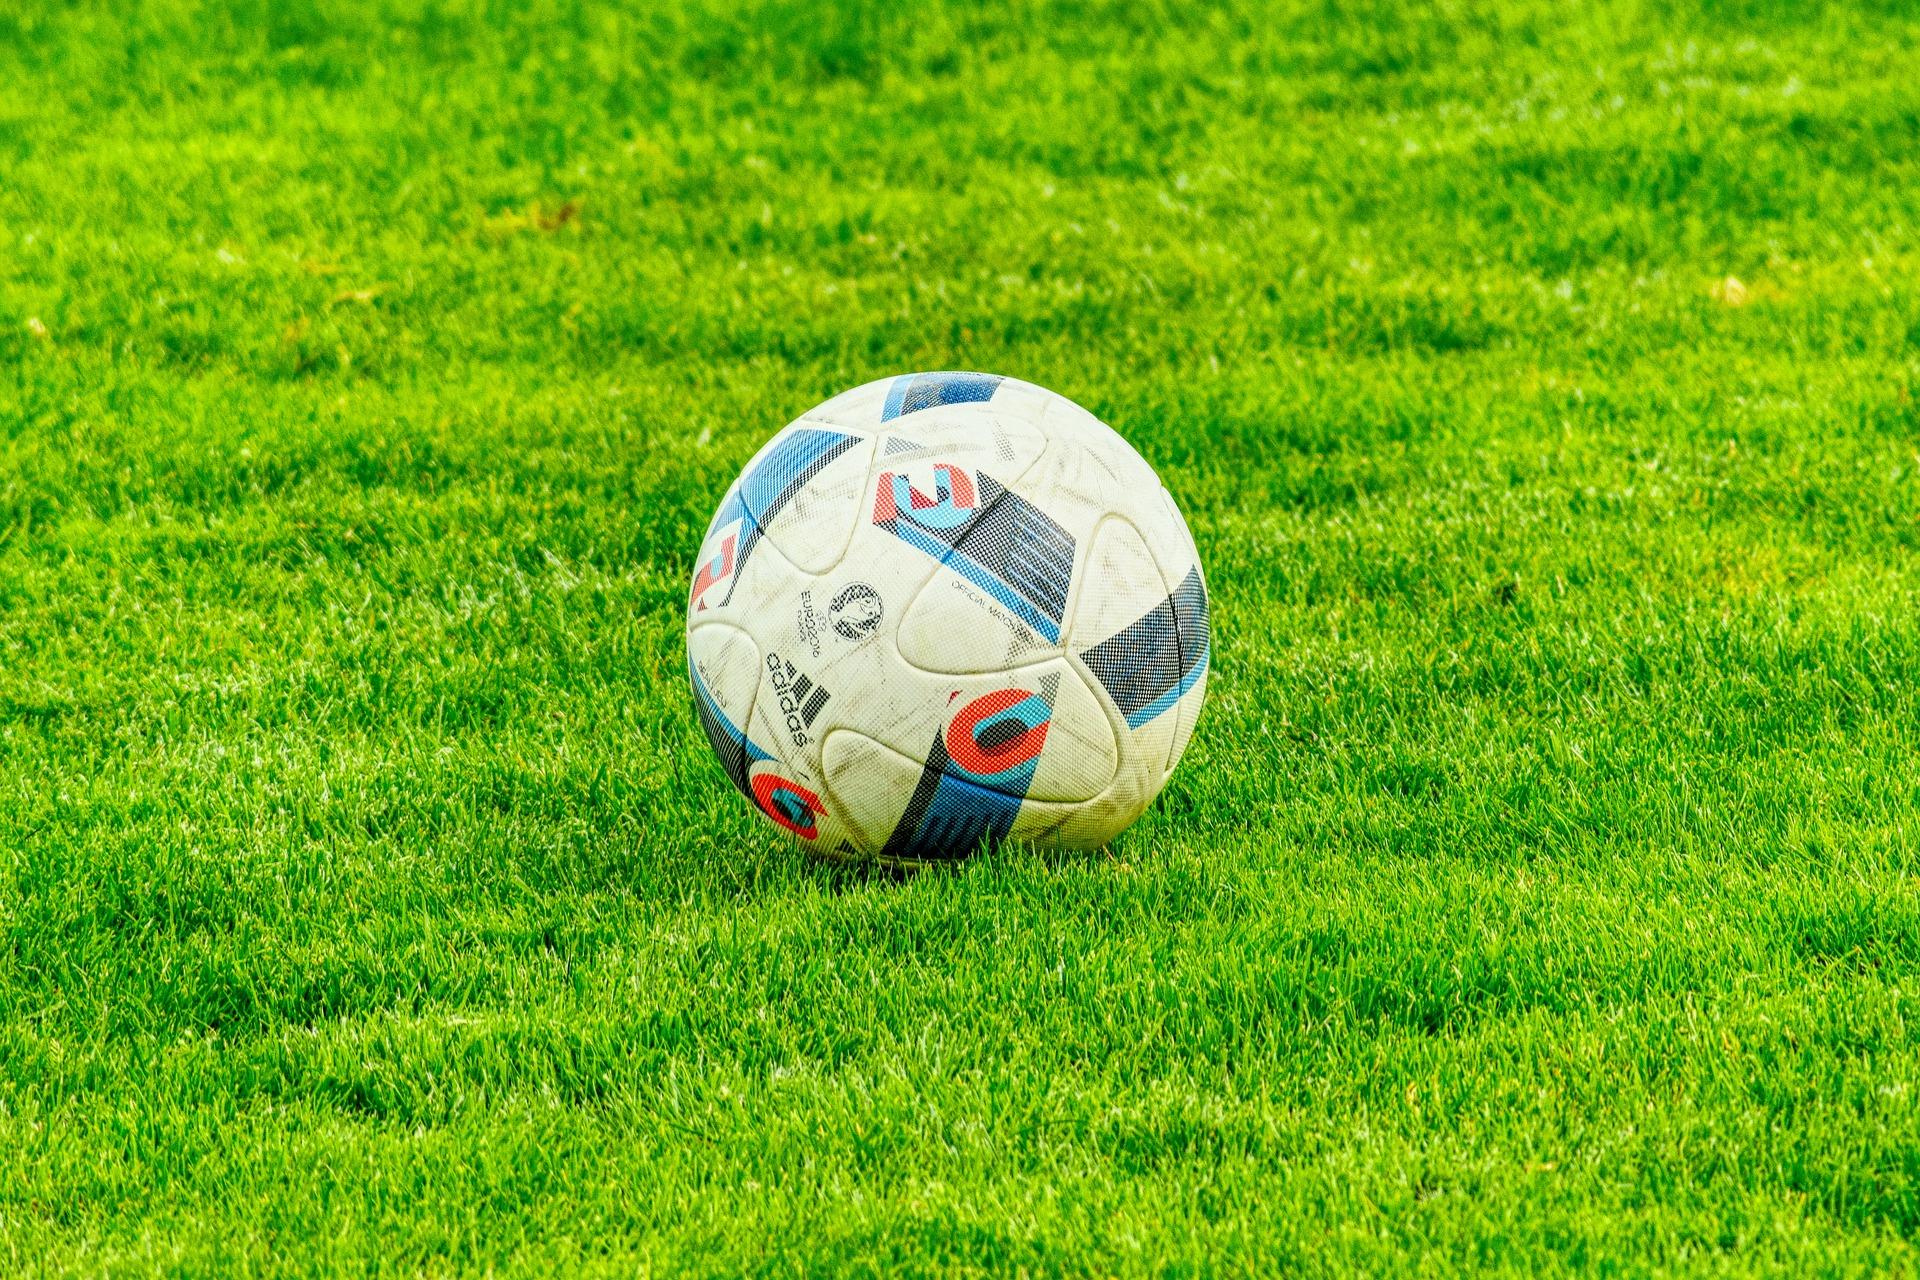 Koln i Paderborn izborili plasman u Bundesligu